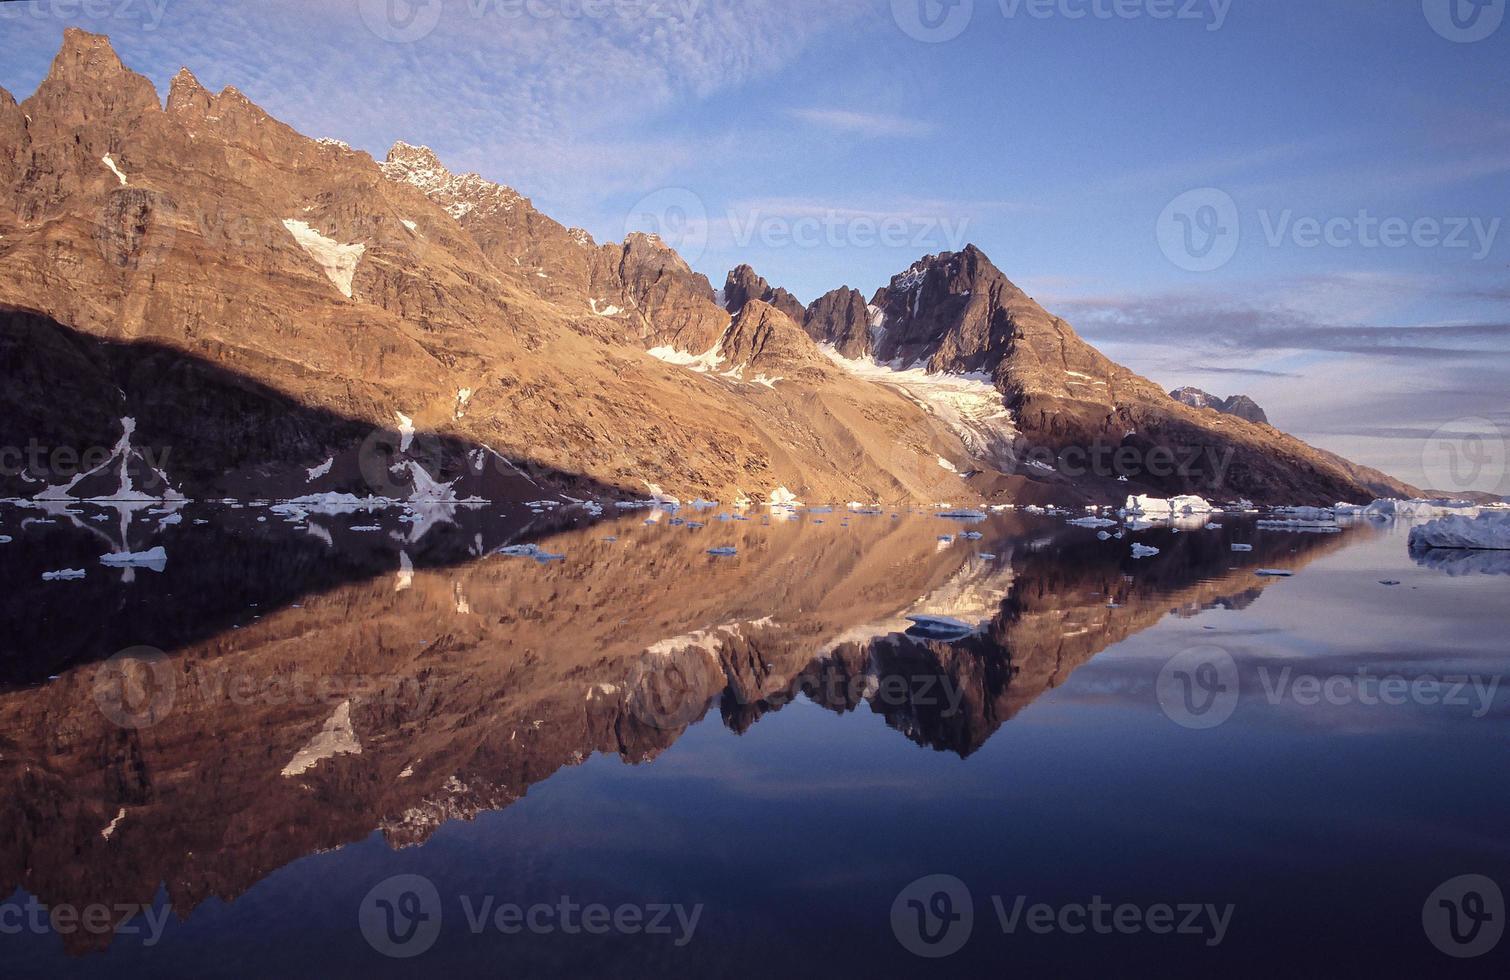 Neuauswahl von Grönlandpfeilen foto